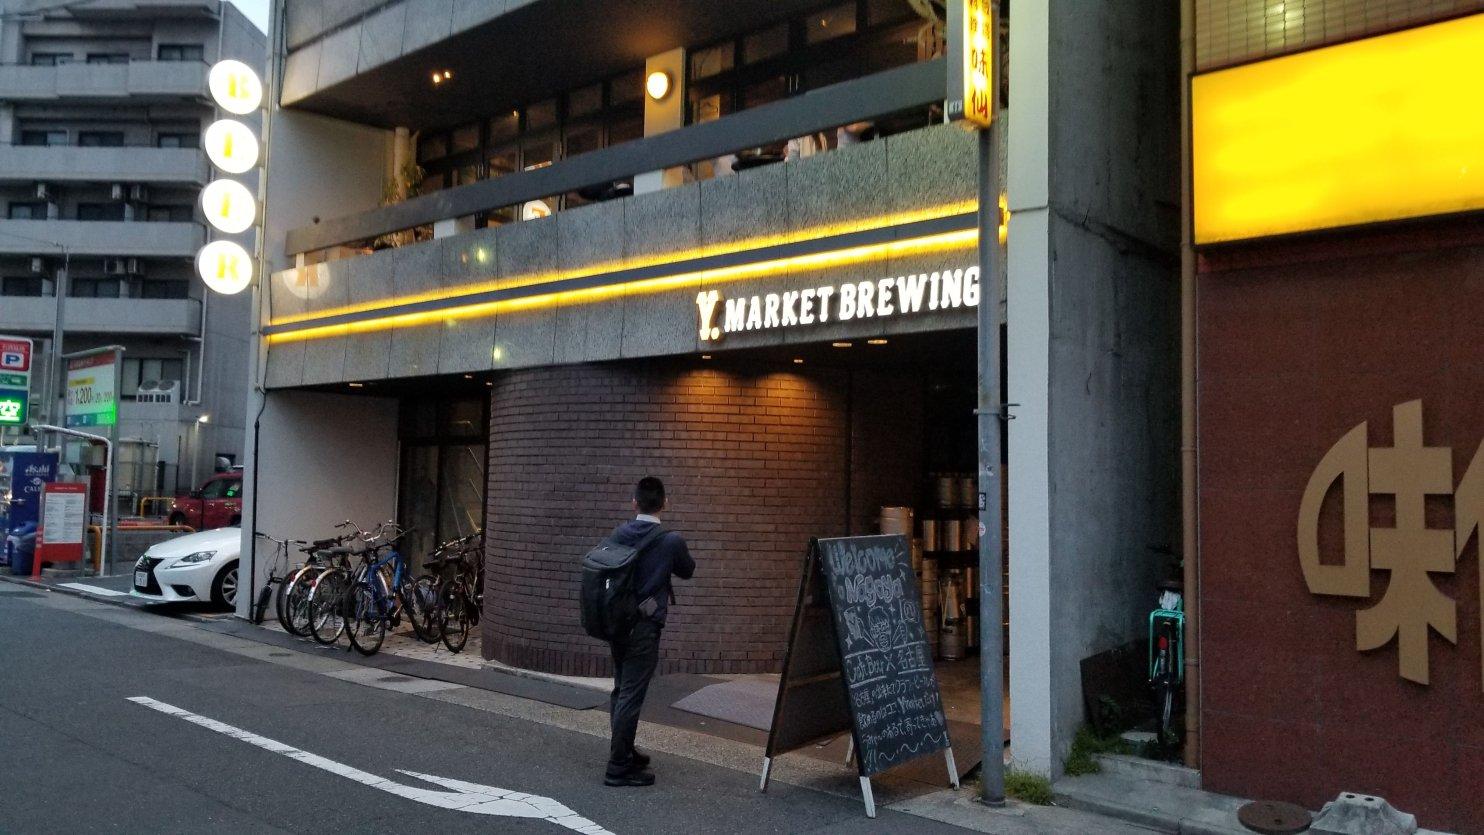 Y Market Brewing Kitchen Front・ワイマーケットブルーイングキッチンフロント